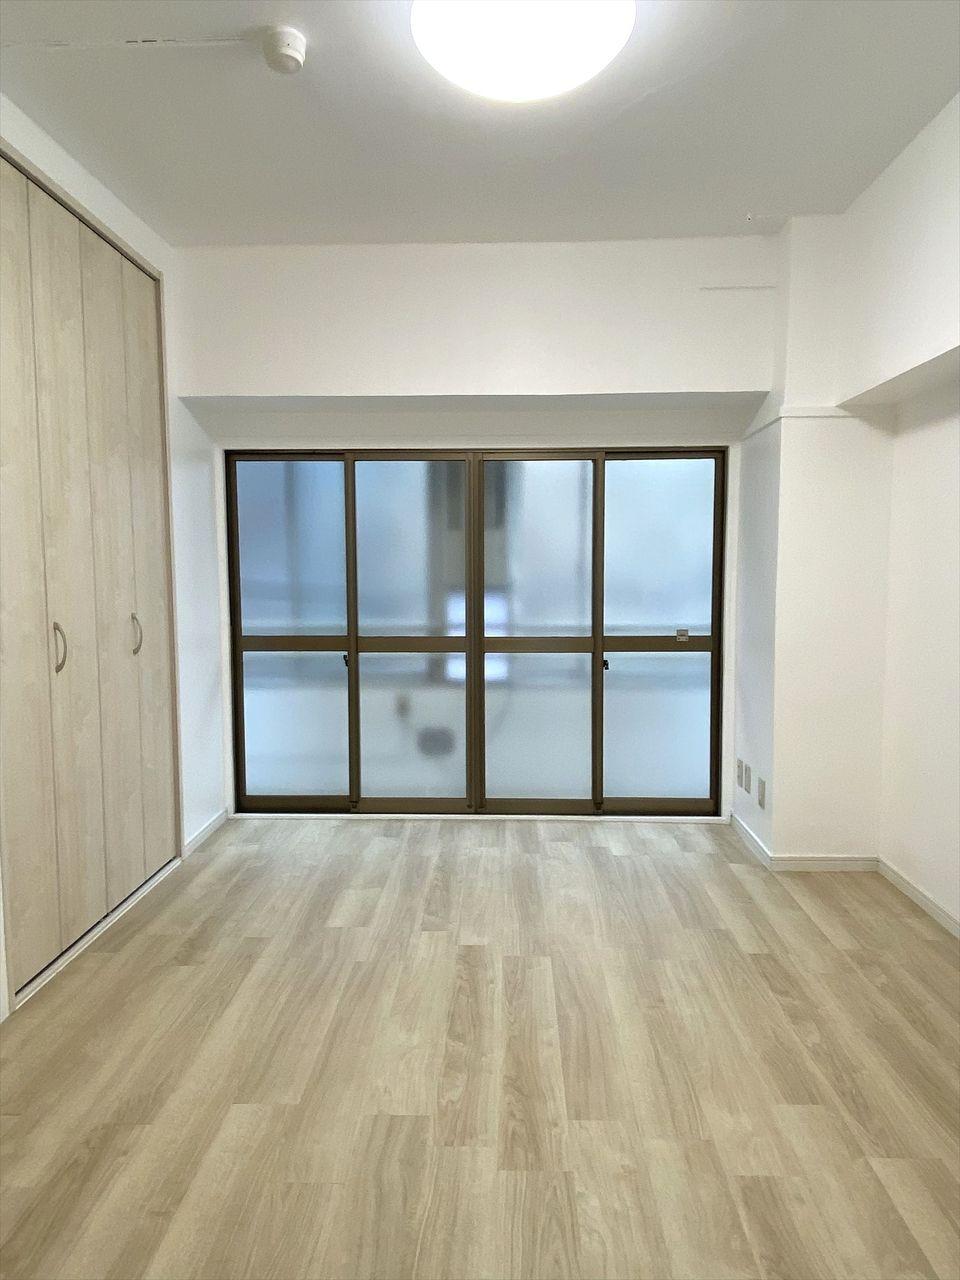 ハセガワハイツは2021年にリノベーションした綺麗なお部屋です。フローリングの洋室6帖で収納多く使いやすいです